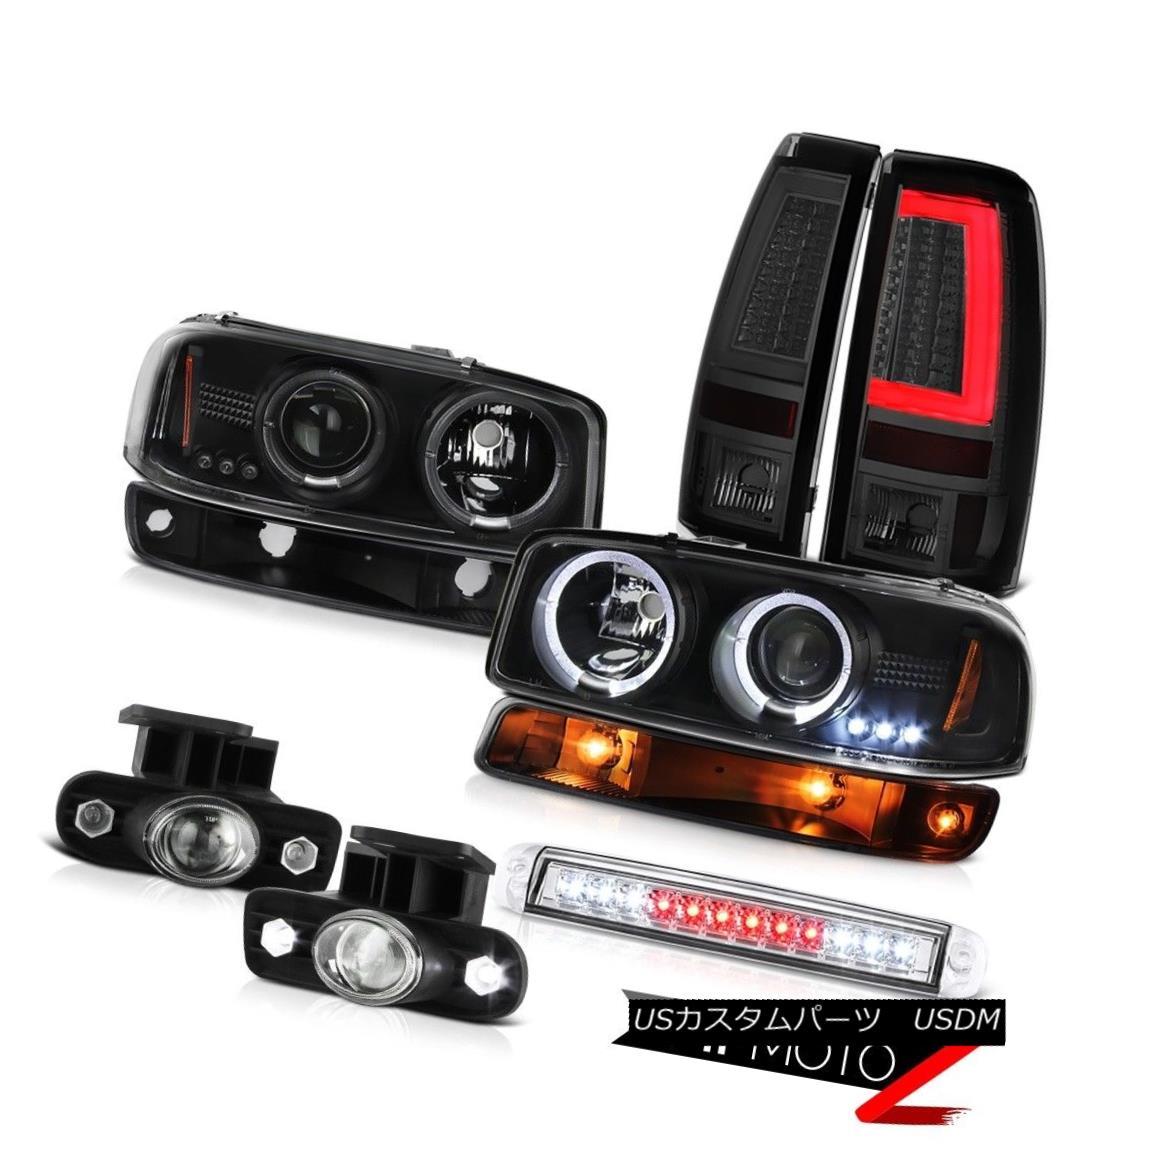 テールライト 99 00 01 02 Sierra SLt Tail Lamps Roof Brake Light Bumper Fog Lights Headlights 99 00 01 02 Sierra SLtテールランプルーフブレーキライトバンパーフォグライトヘッドライト